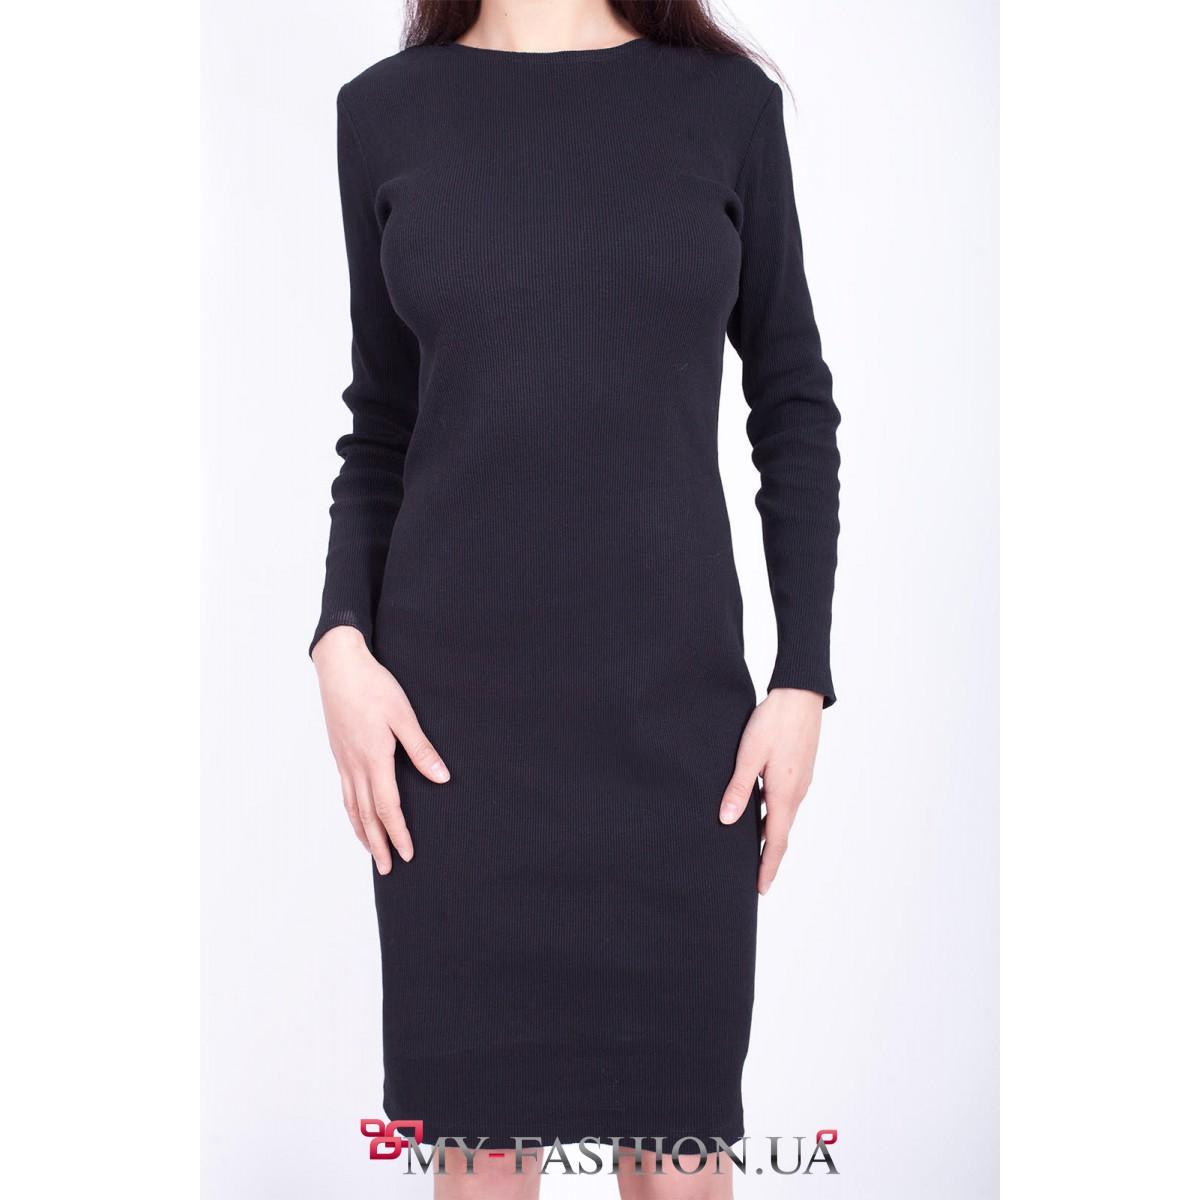 Женская одежда в стиле кэжуал купить в интернет магазине